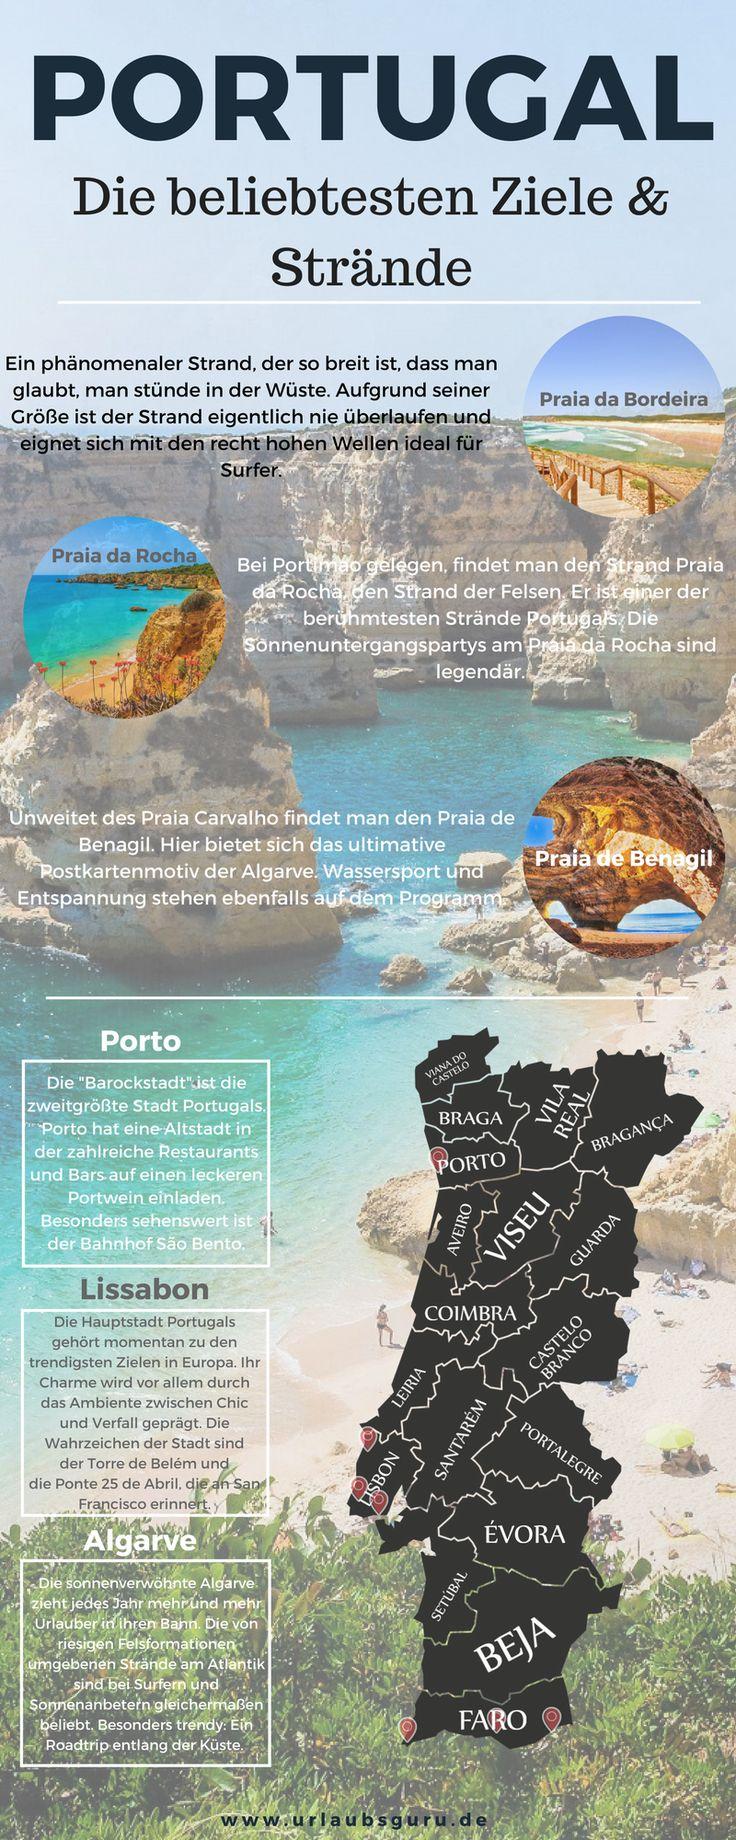 Portugal ist eines der beliebtesten Ziele in diesem Jahr. Ob eine Städtetour durch Lissabon oder Porto oder ein Roadtrip an der Algarve, mit meinen Portugal Tipps seid ihr optimal auf euren Urlaub vorbereitet.